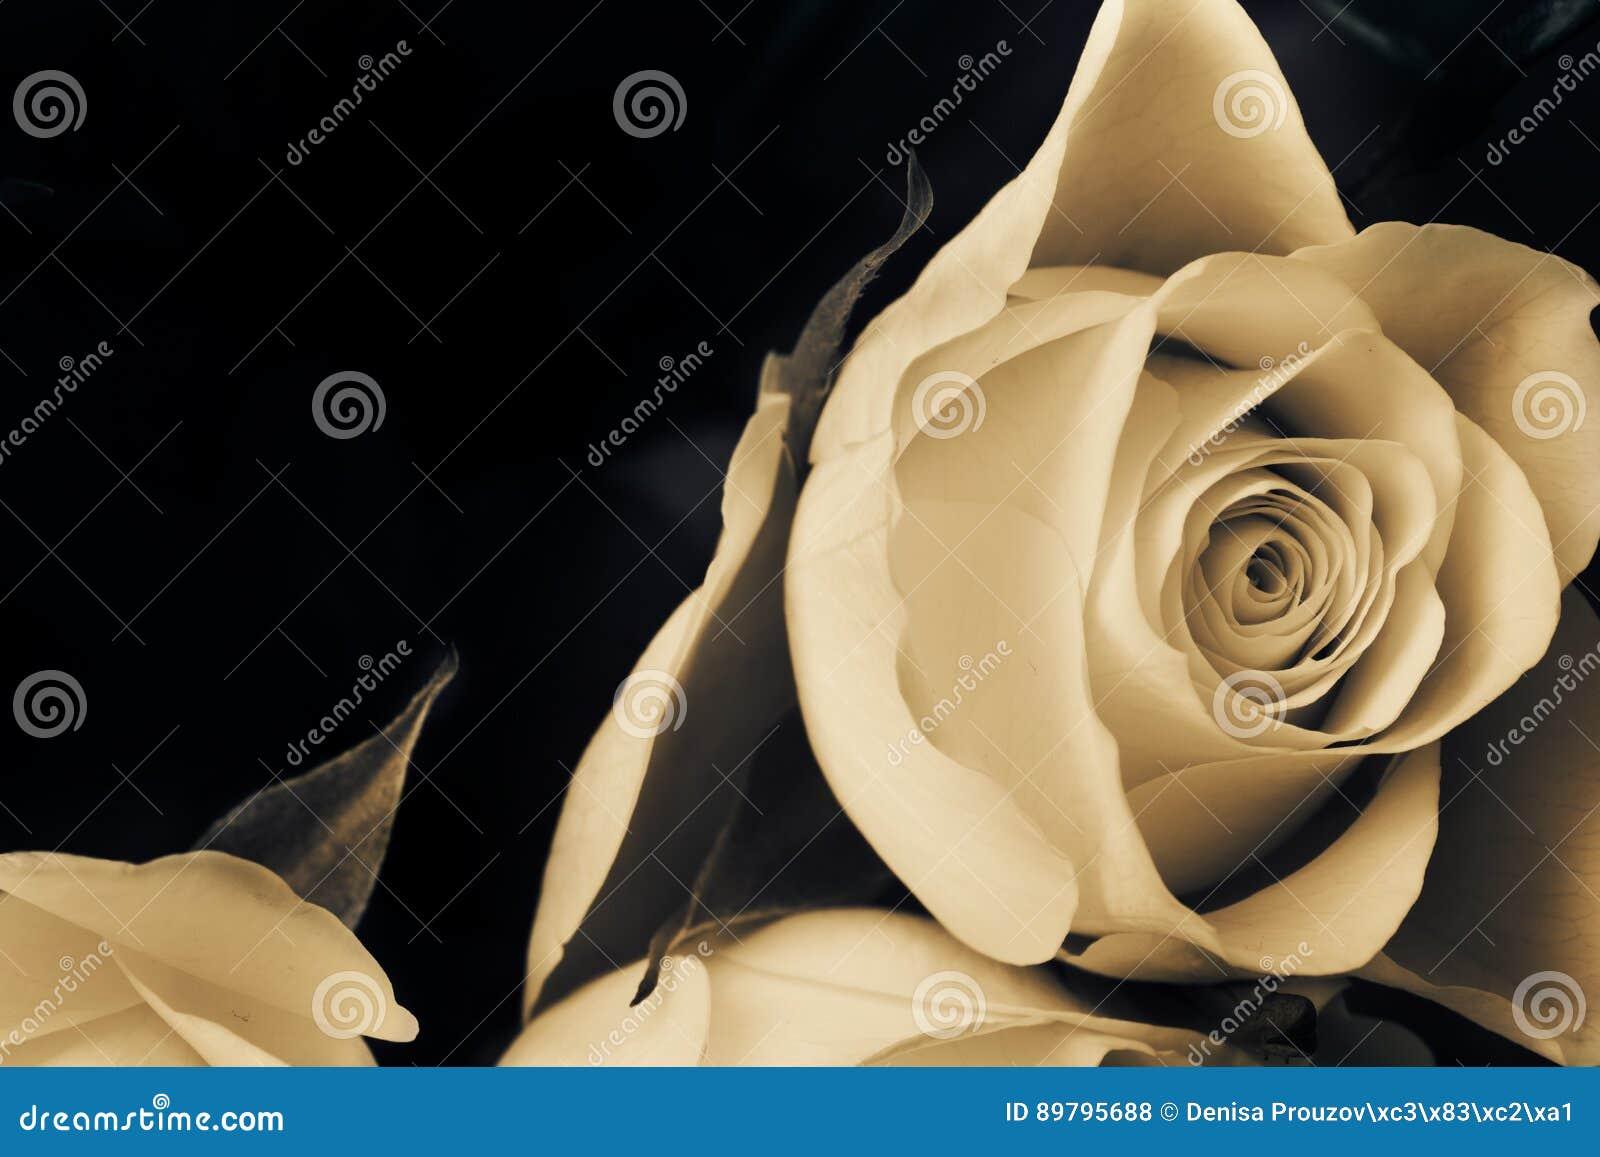 rose de blanc de proposition fleur rose triste photo stock - image